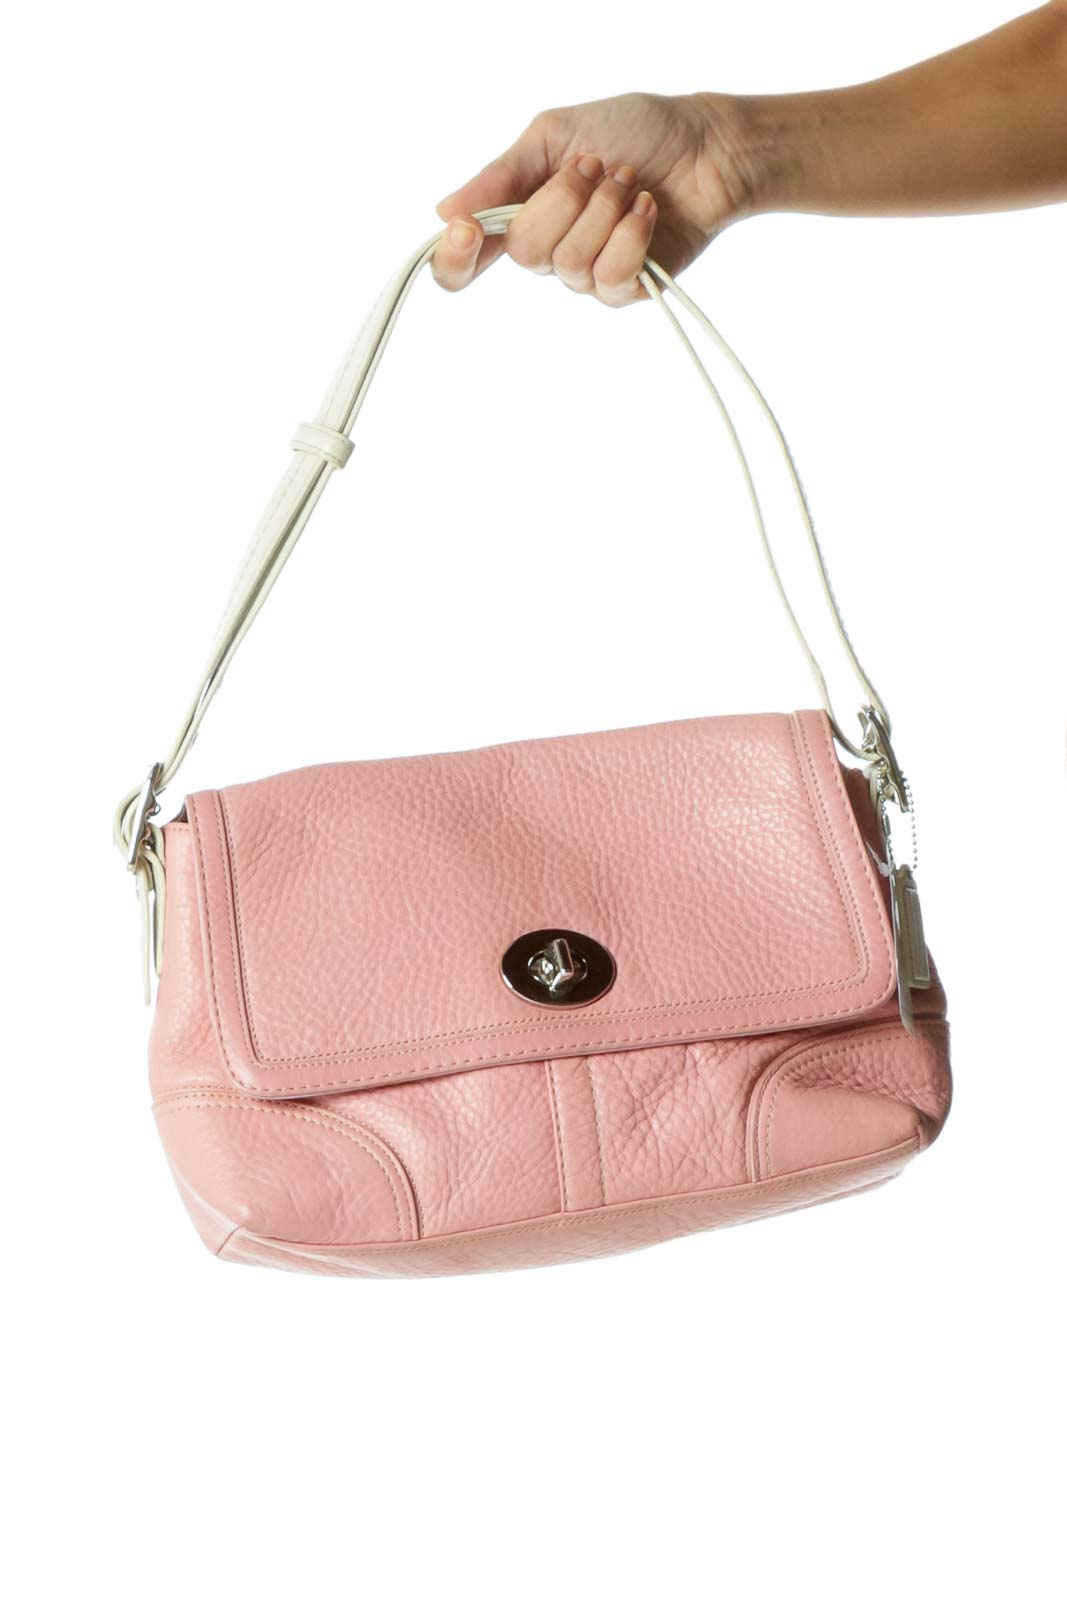 Pink Leather Color Block Shoulder Bag Front